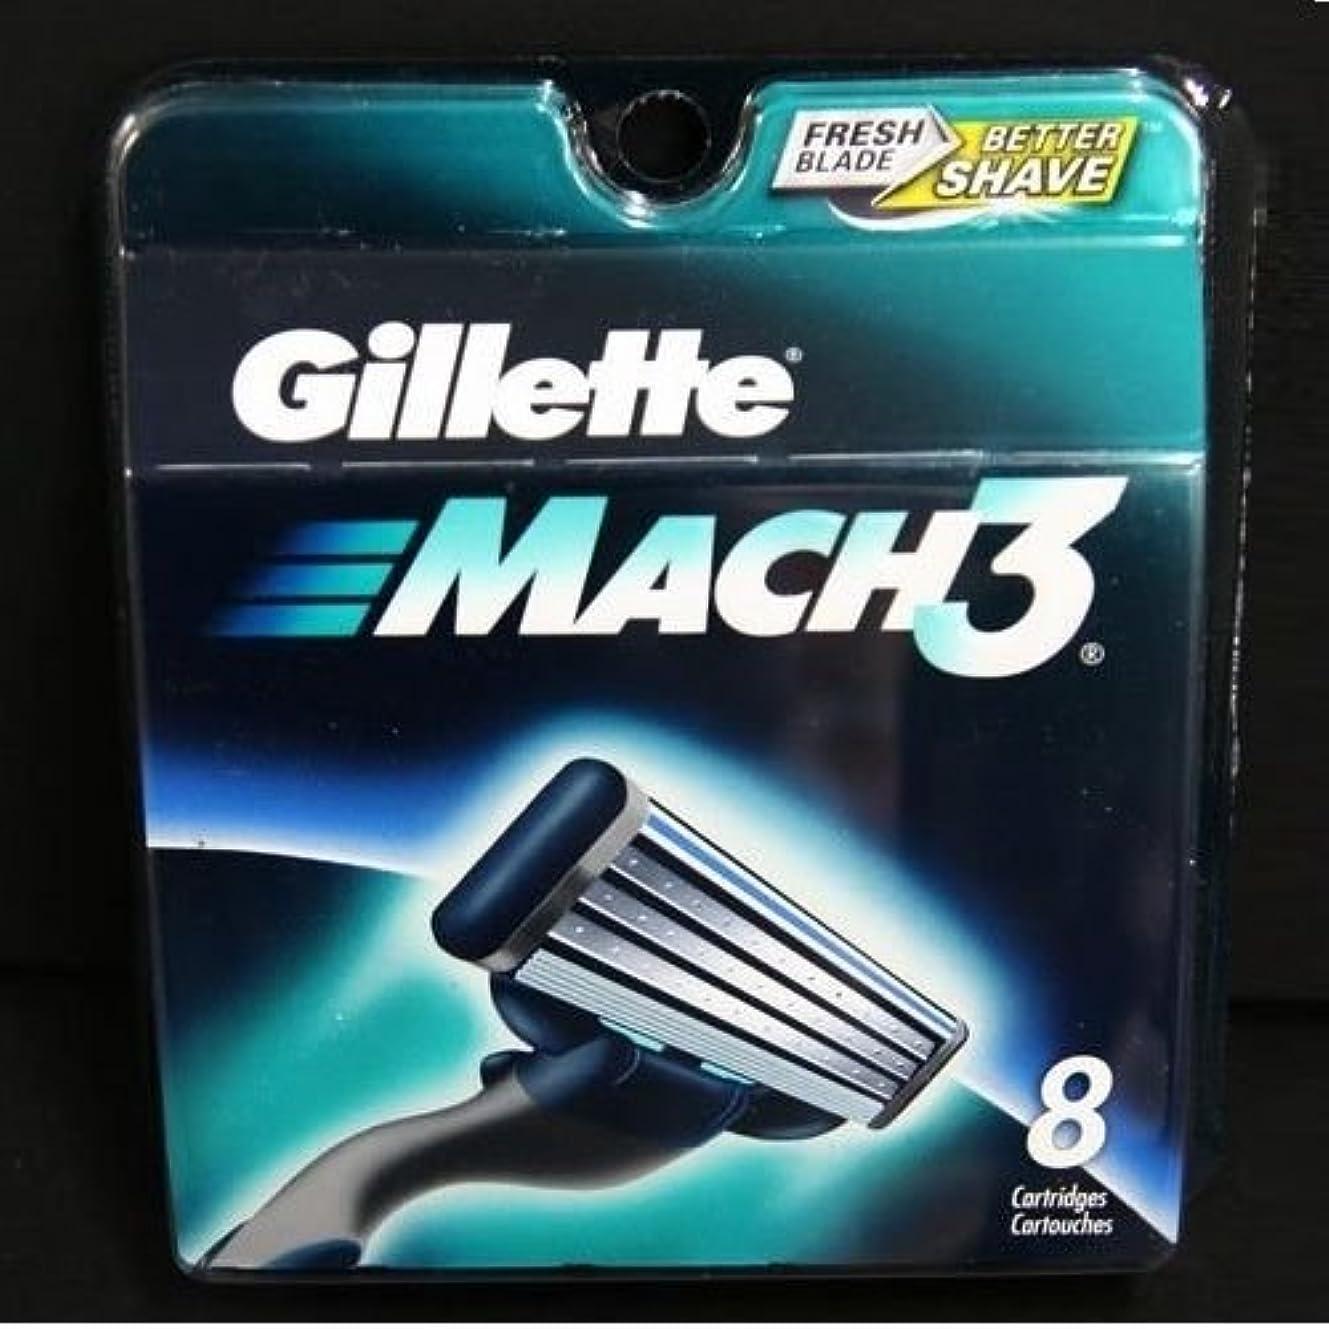 偽善者なに直面するGillette MACH3 SHAVING RAZOR カートリッジブレード 8 Pack [並行輸入品]